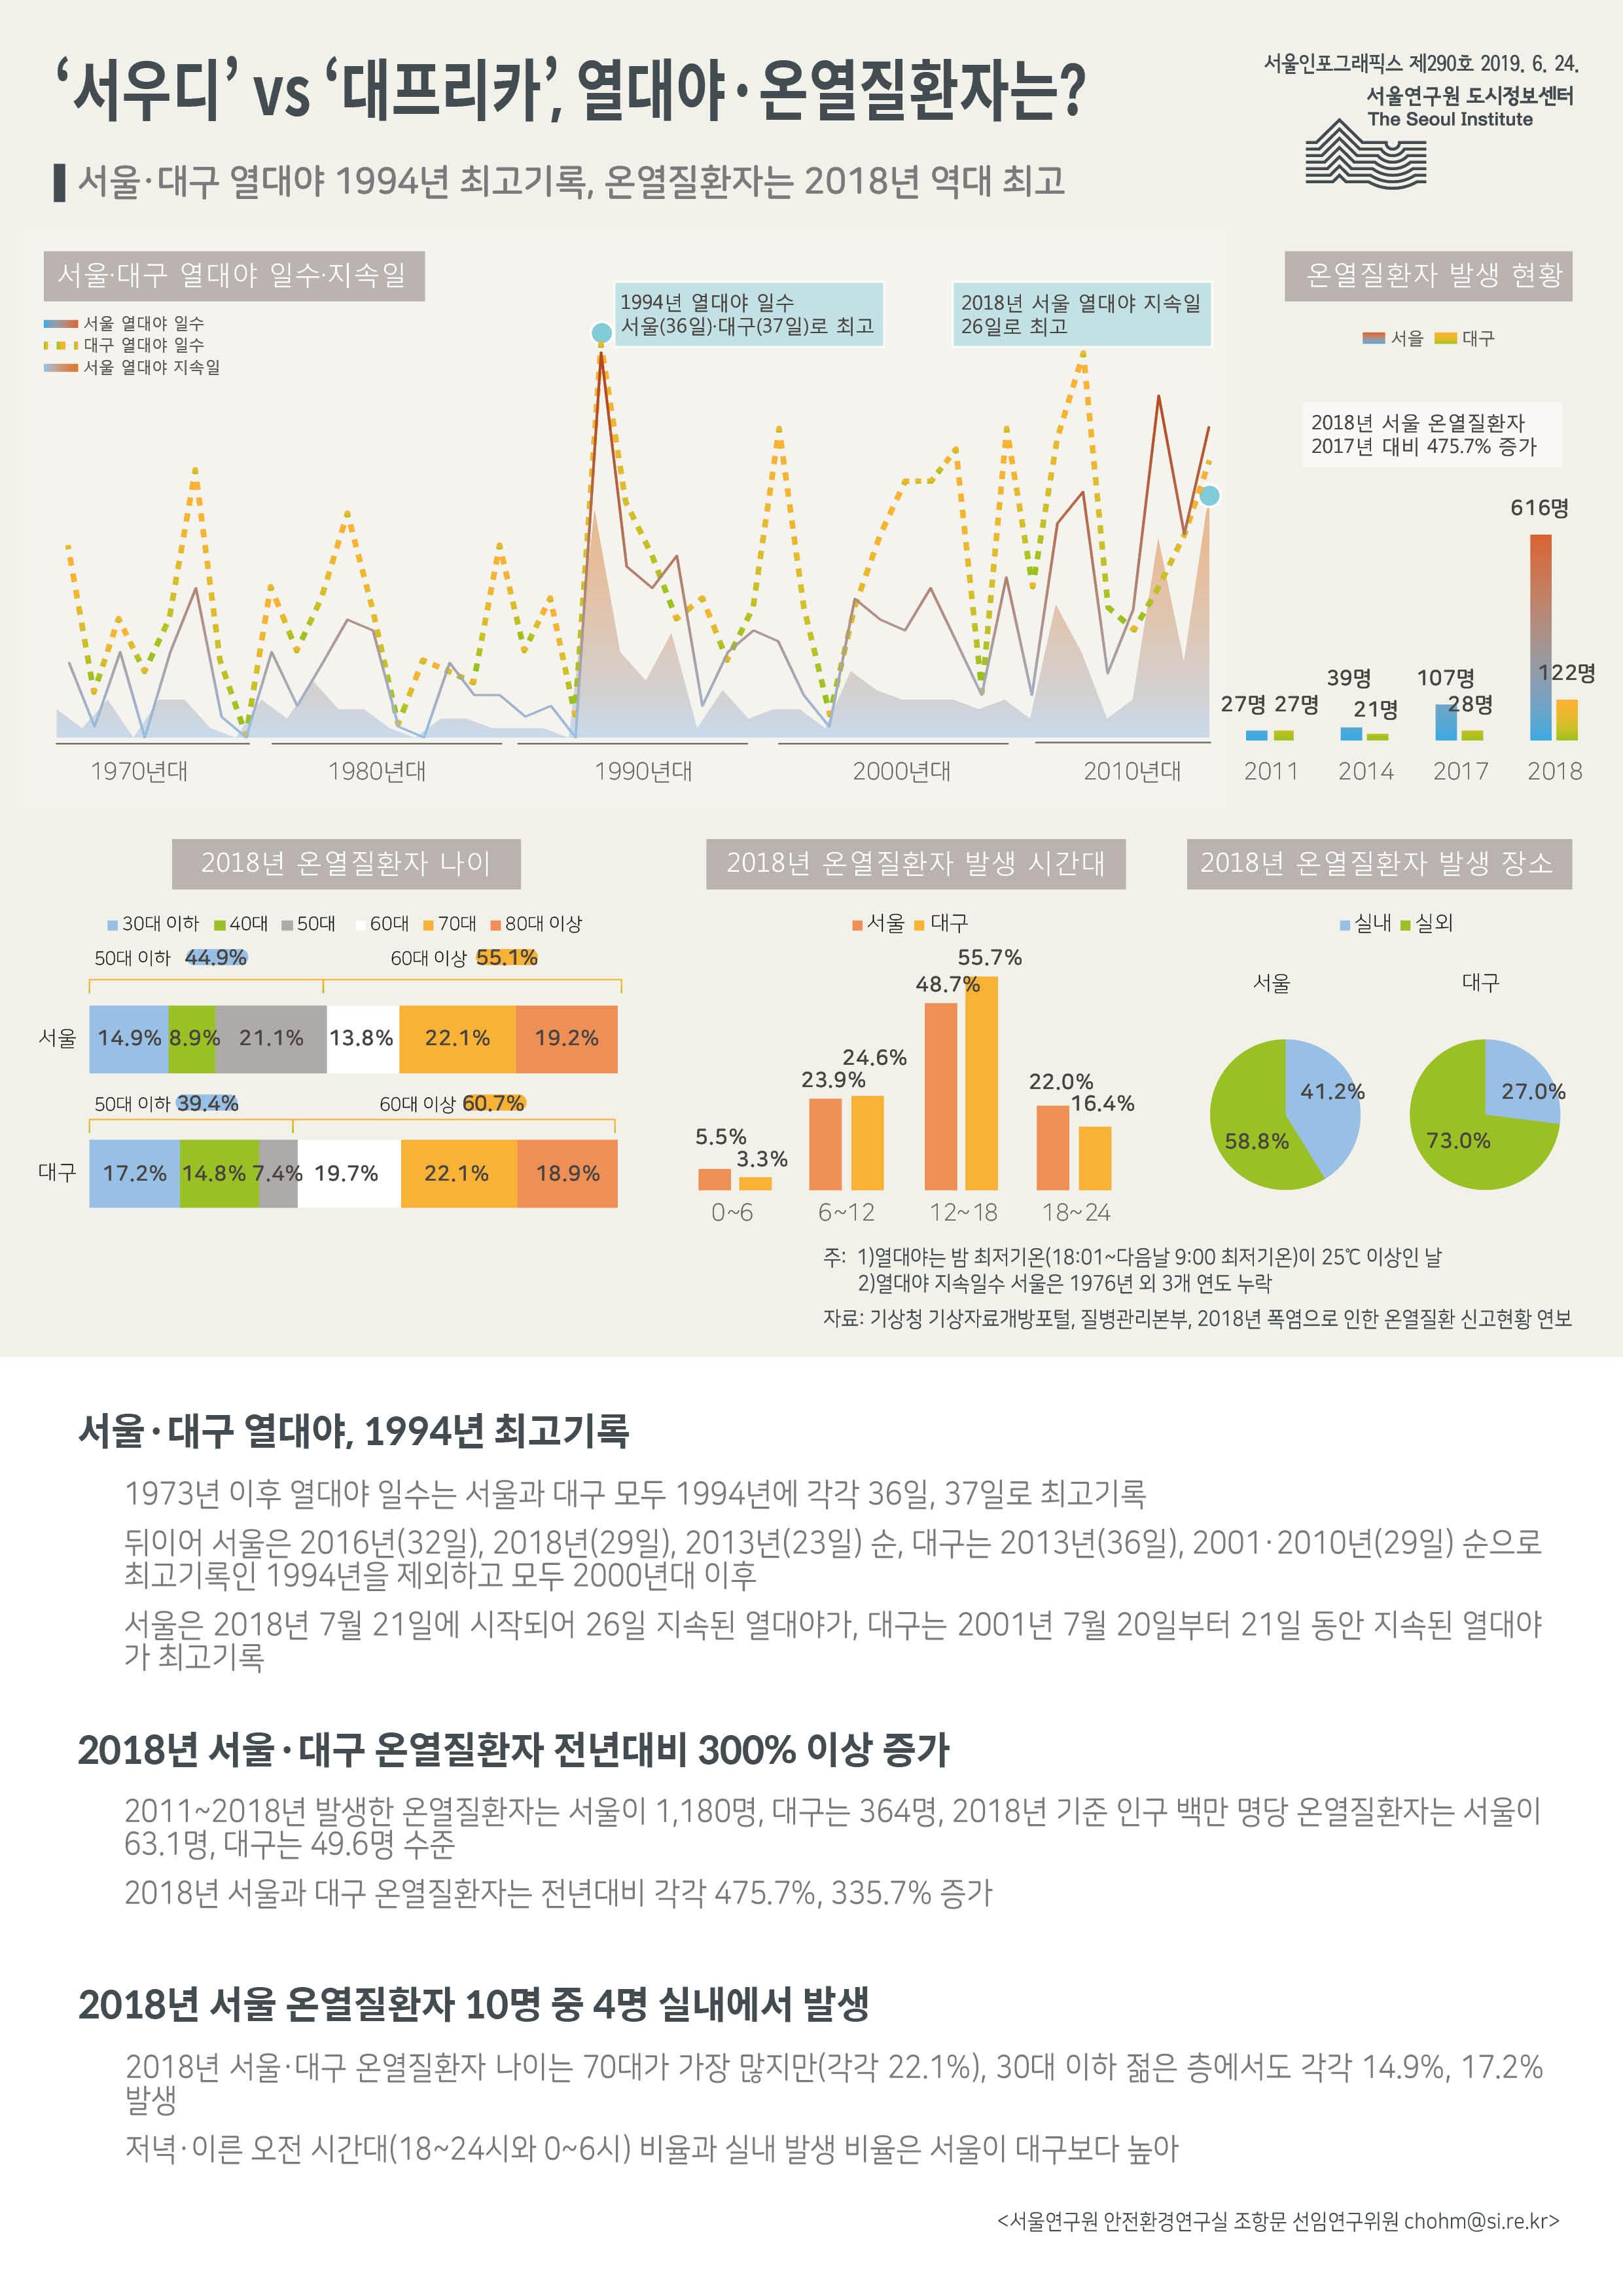 서울·대구 열대야 1994년 최고기록, 온열질환자는 2018년 역대 최고 (하단 내용 참조)